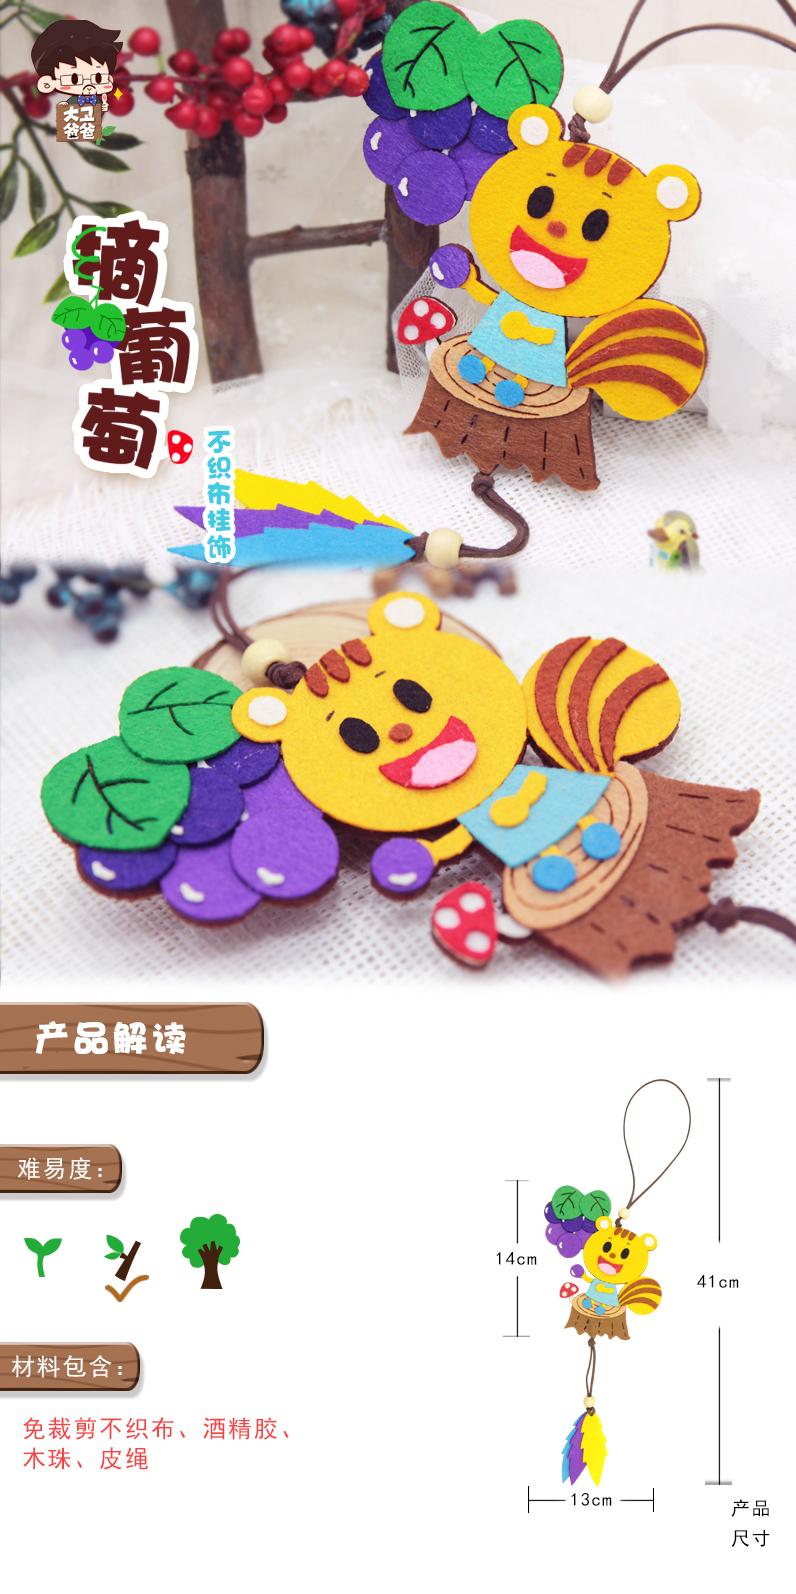 免裁剪不织布 摘葡萄挂件车挂儿童手工制作diy材料包幼儿园布艺